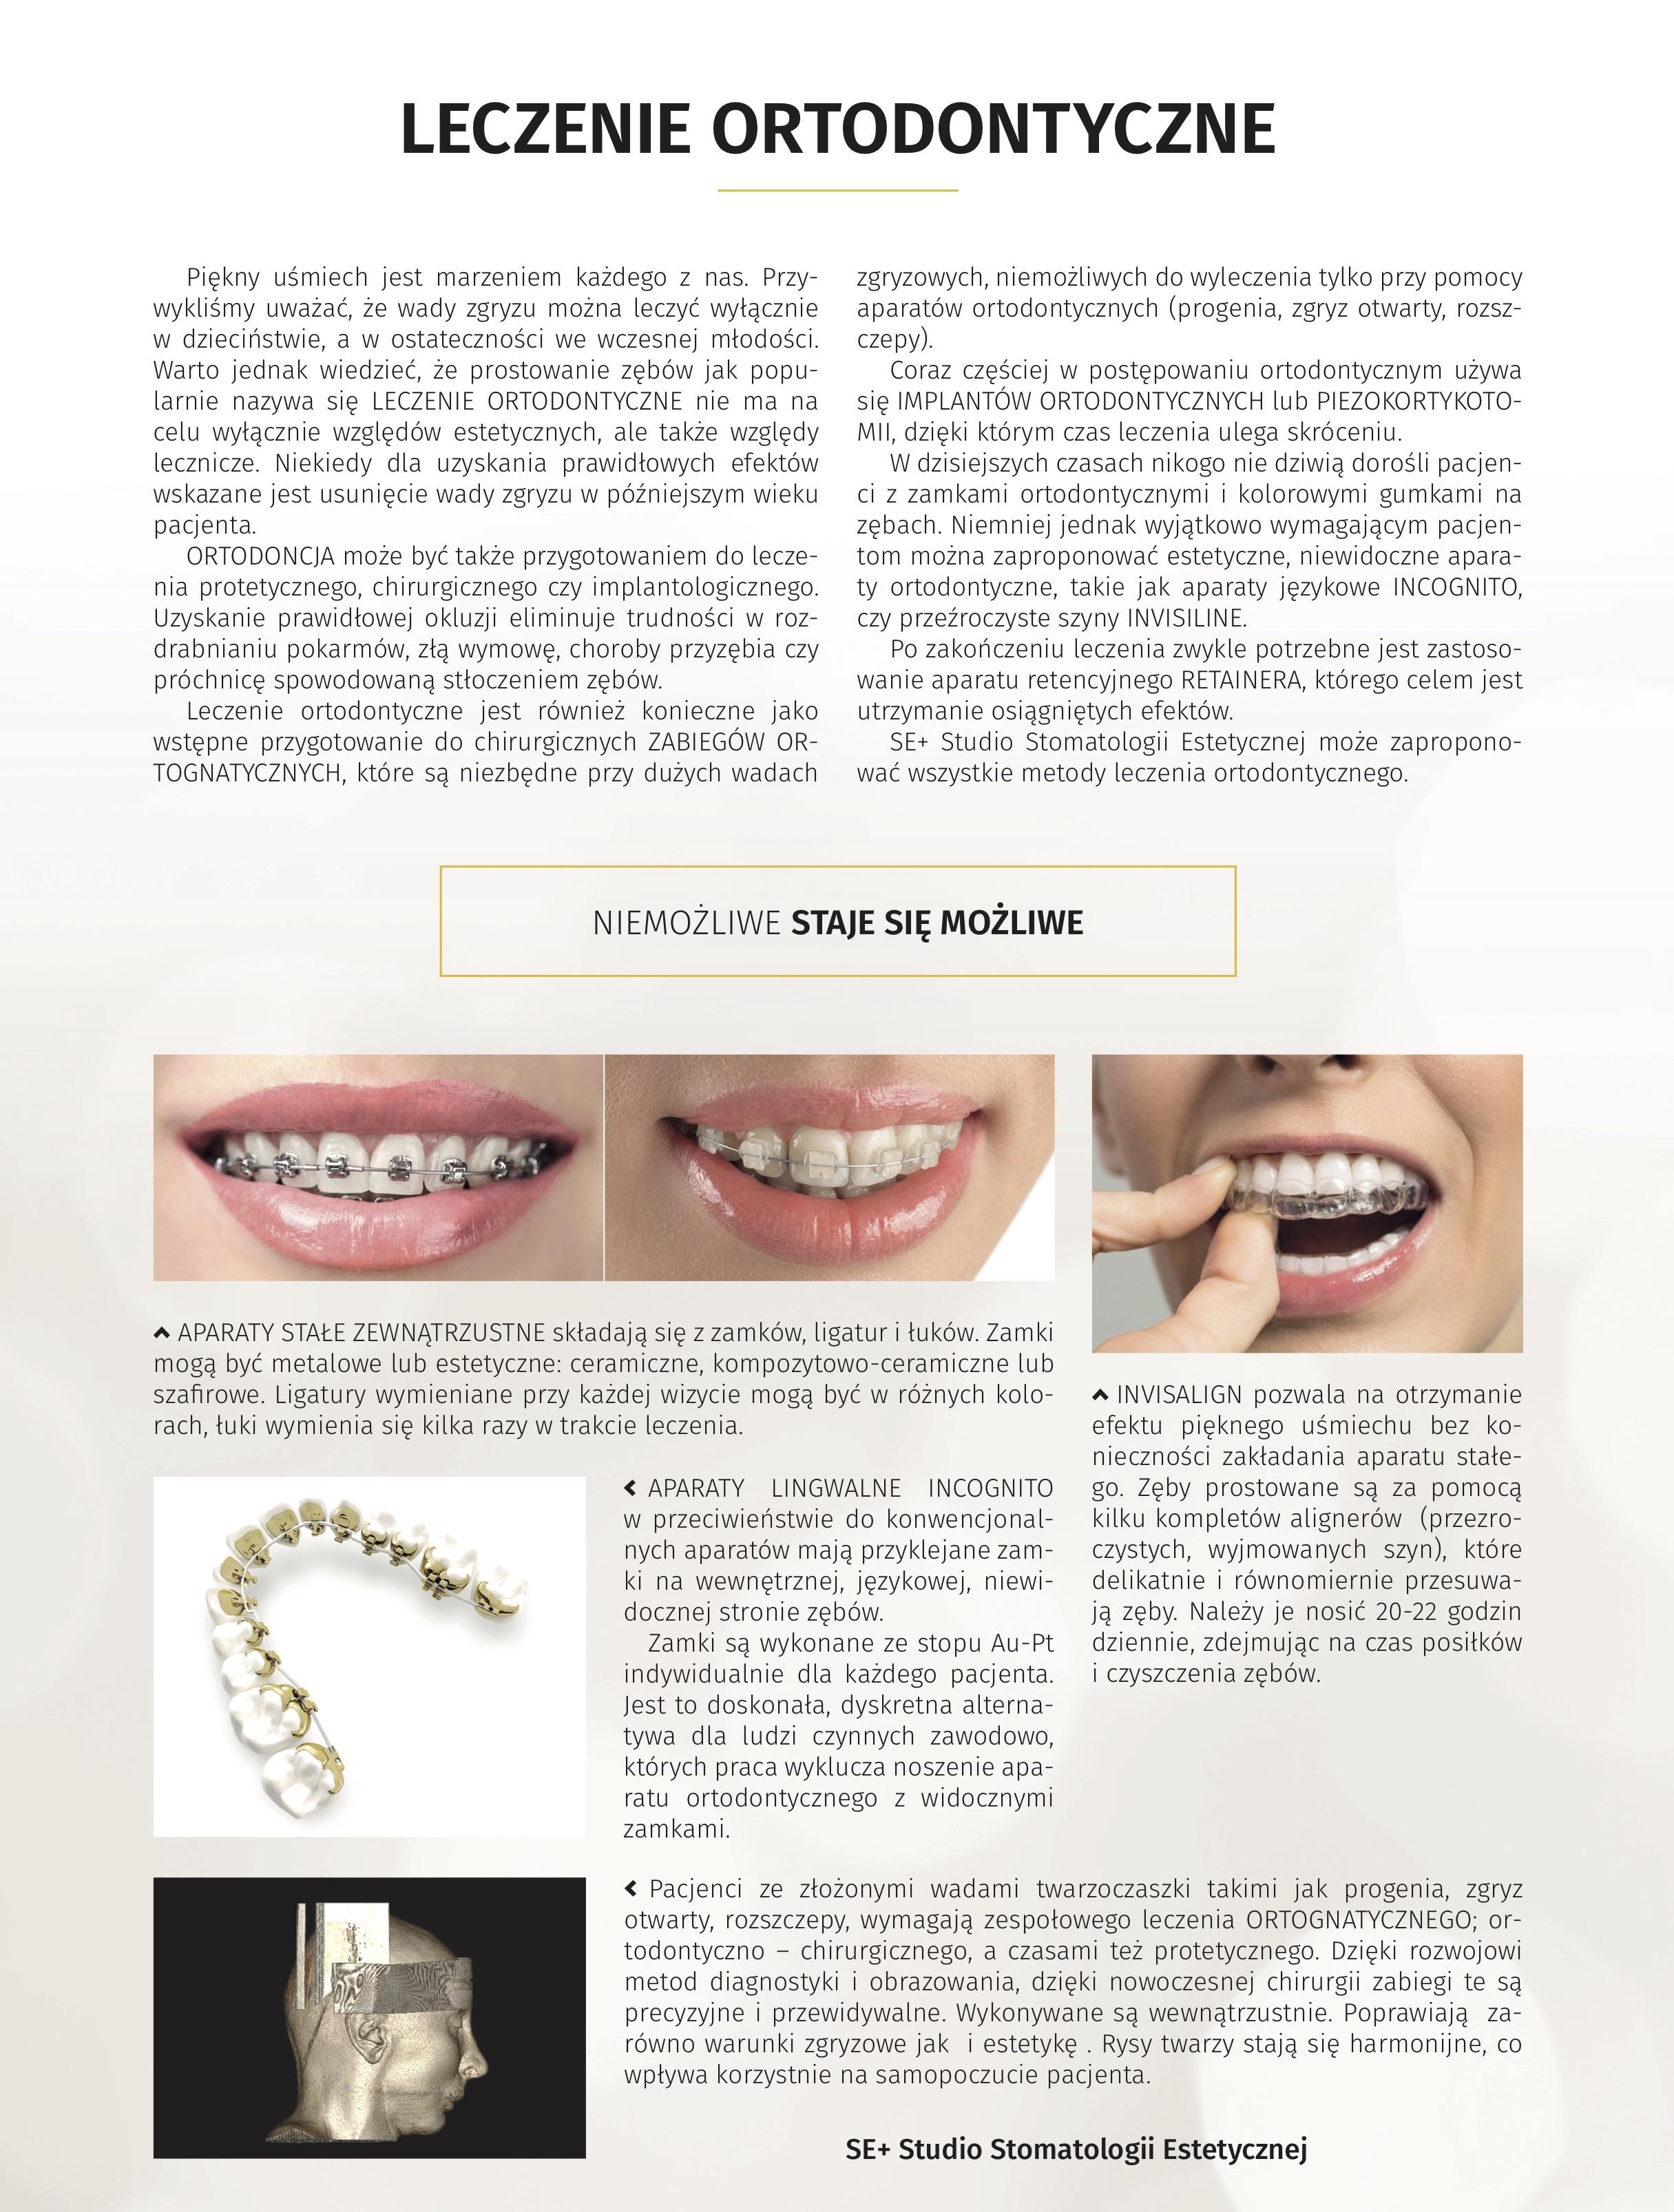 artykuł o leczeniu ortodontycznym